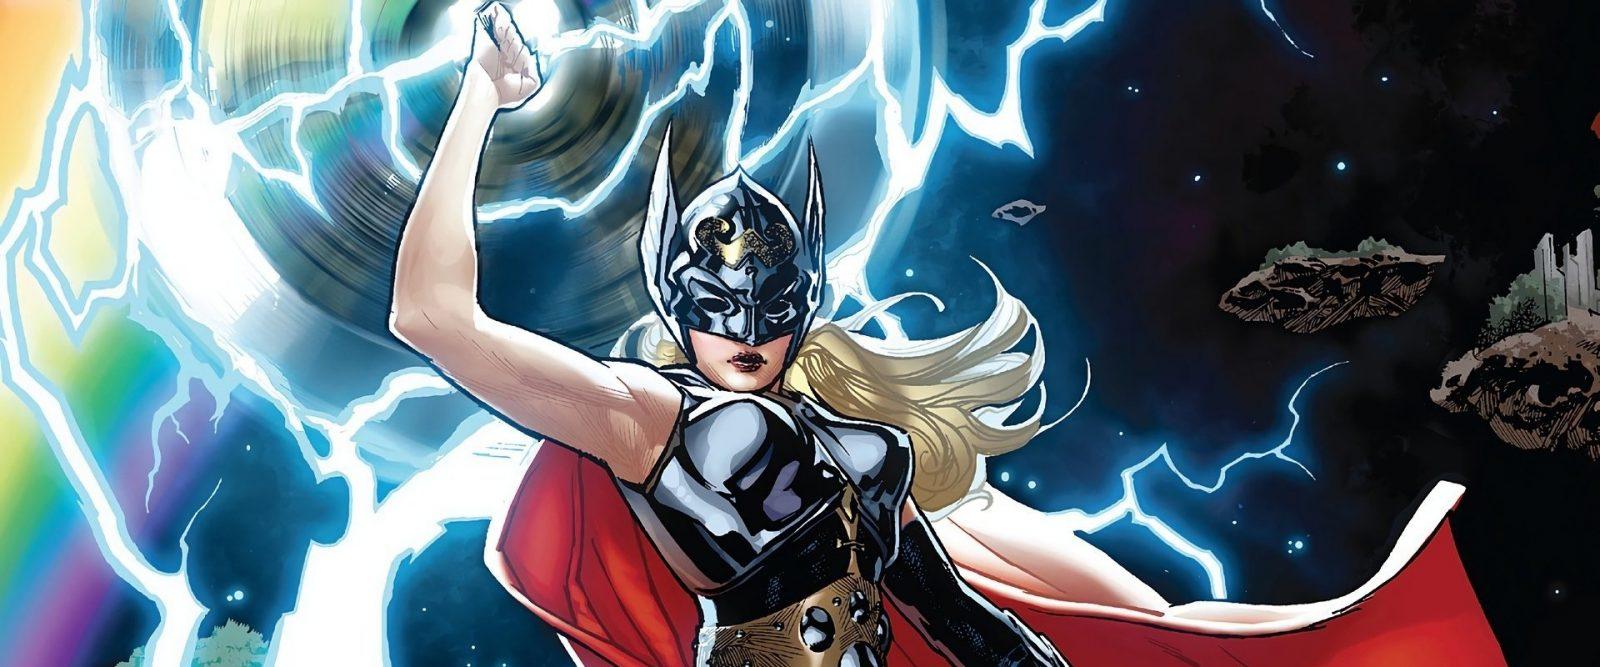 Натали Портман рассказала о сверхспособностях своей героини в новом «Торе»